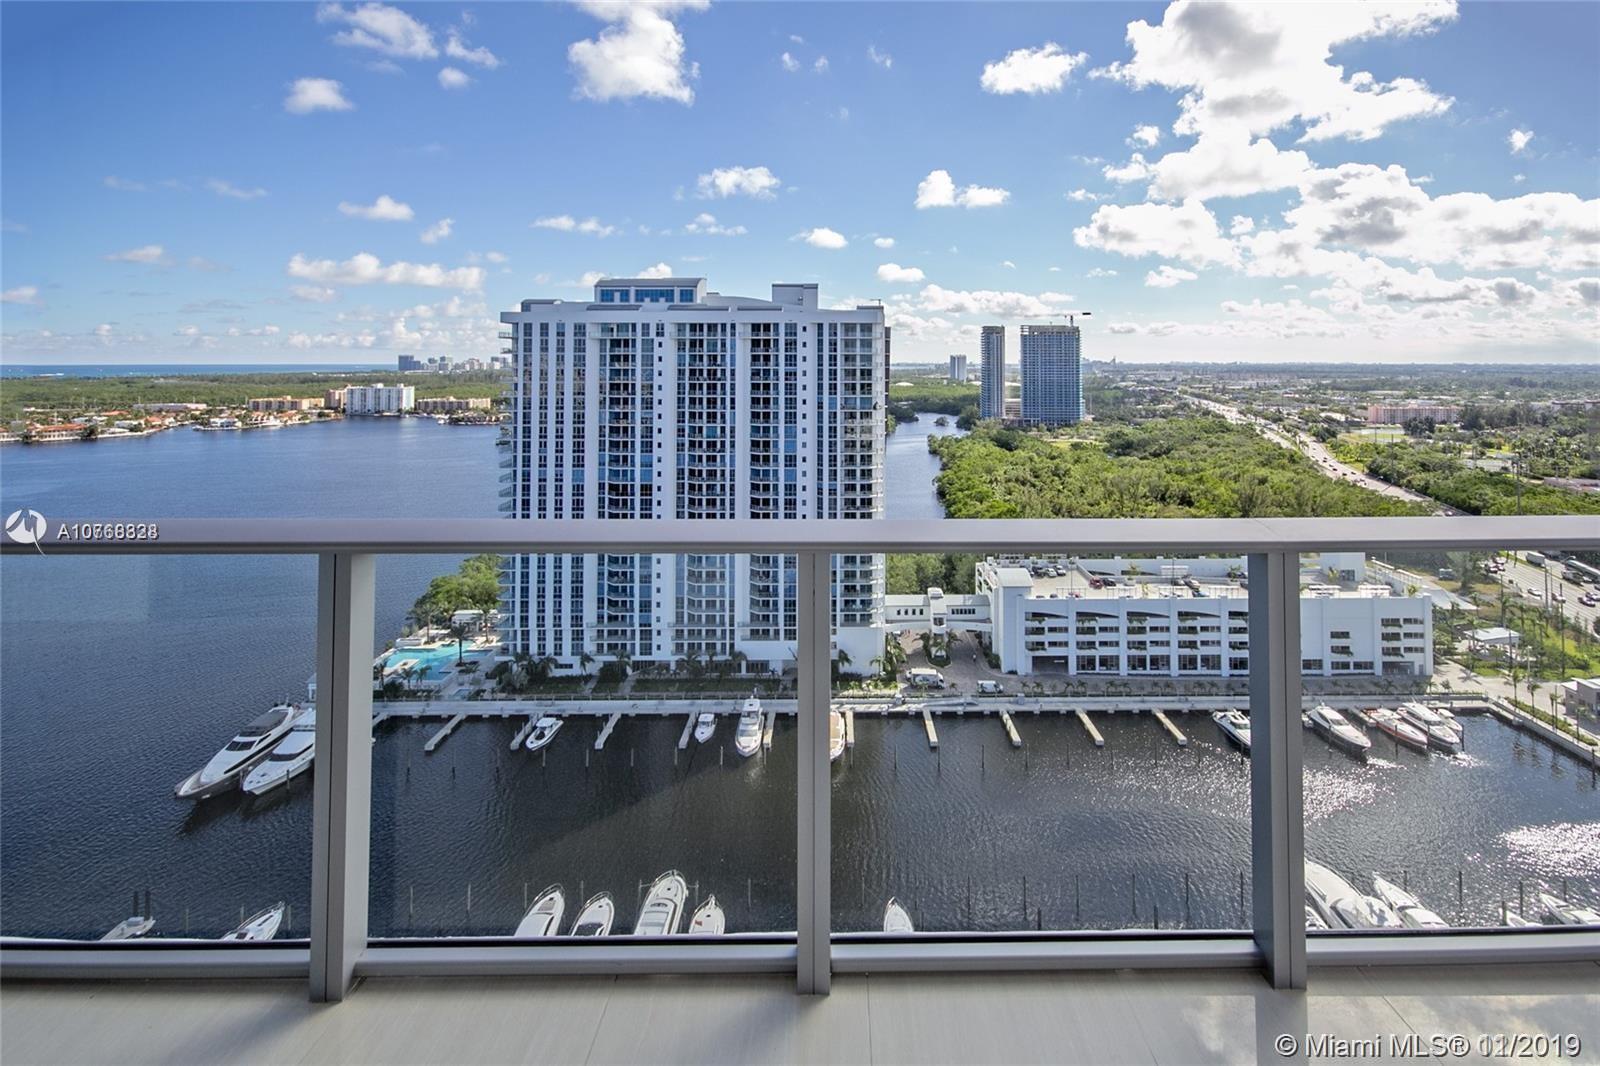 17301 Biscayne Blvd, 2301 - Aventura, Florida